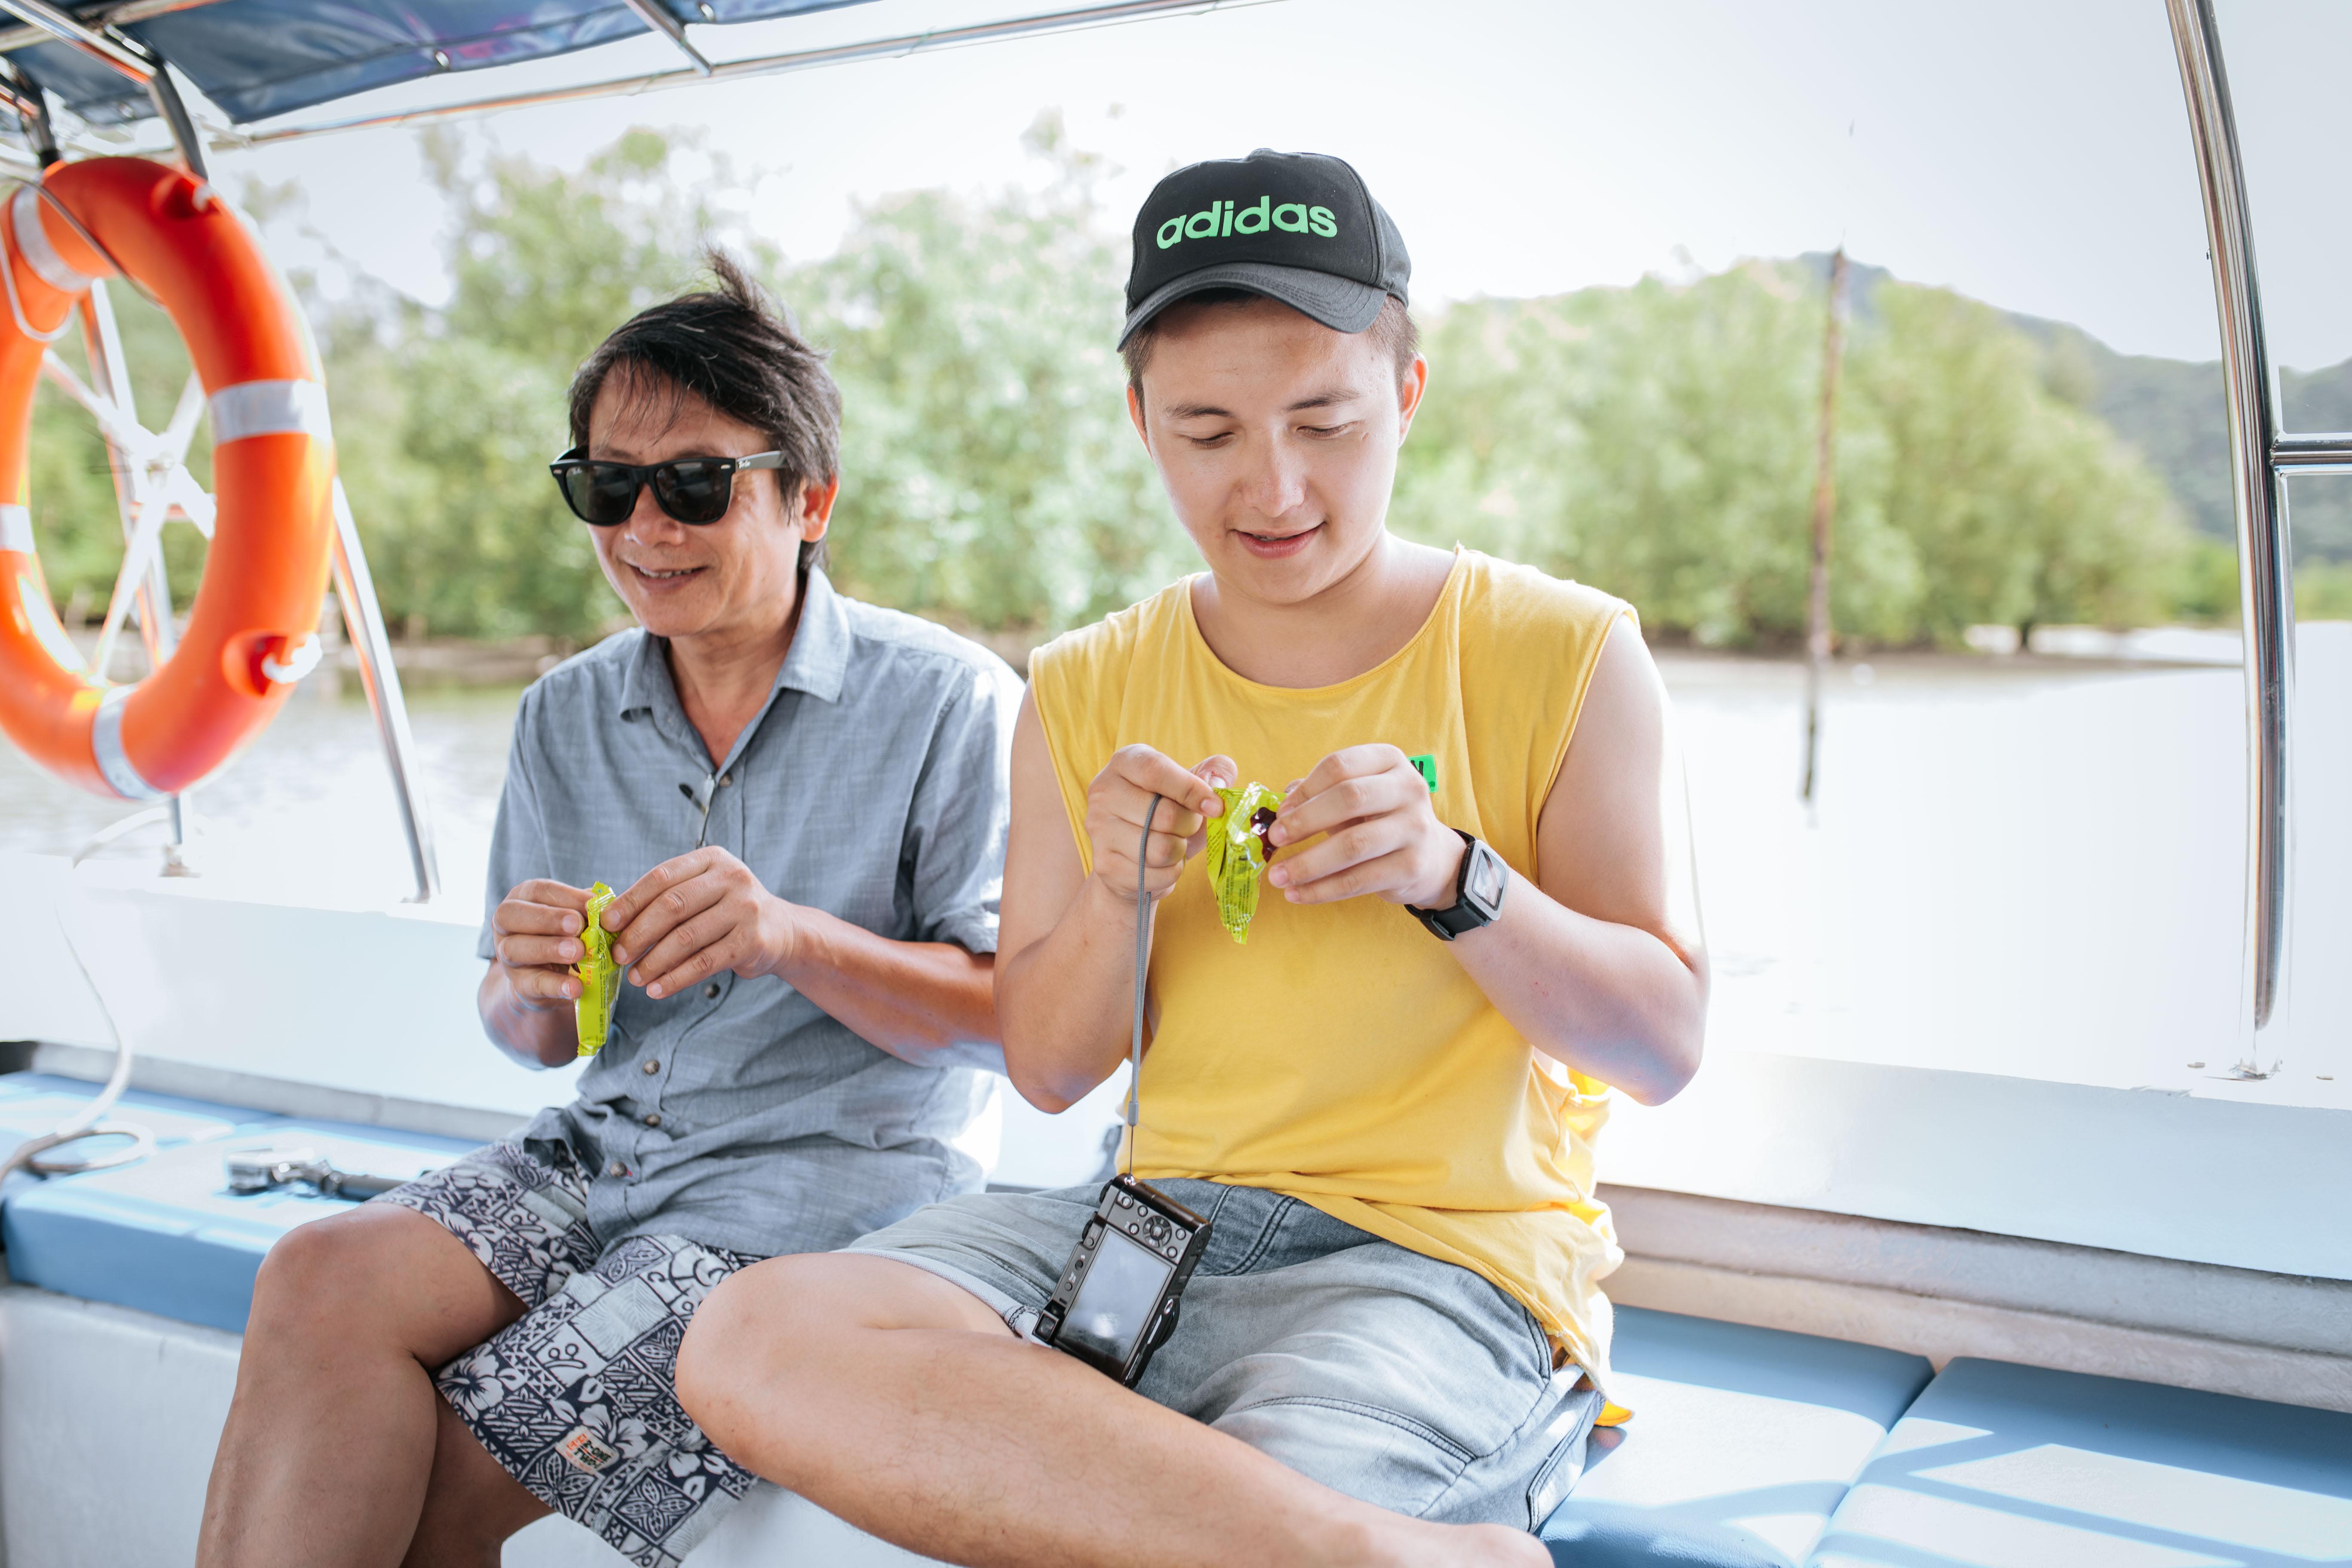 Bạn chọn ai khi muốn đi du lịch, cậu con trai Nghệ An 24 tuổi này rủ ông bố 60 tuổi, và họ có những trải nghiệm cùng nhau lần đầu tiên! - Ảnh 8.